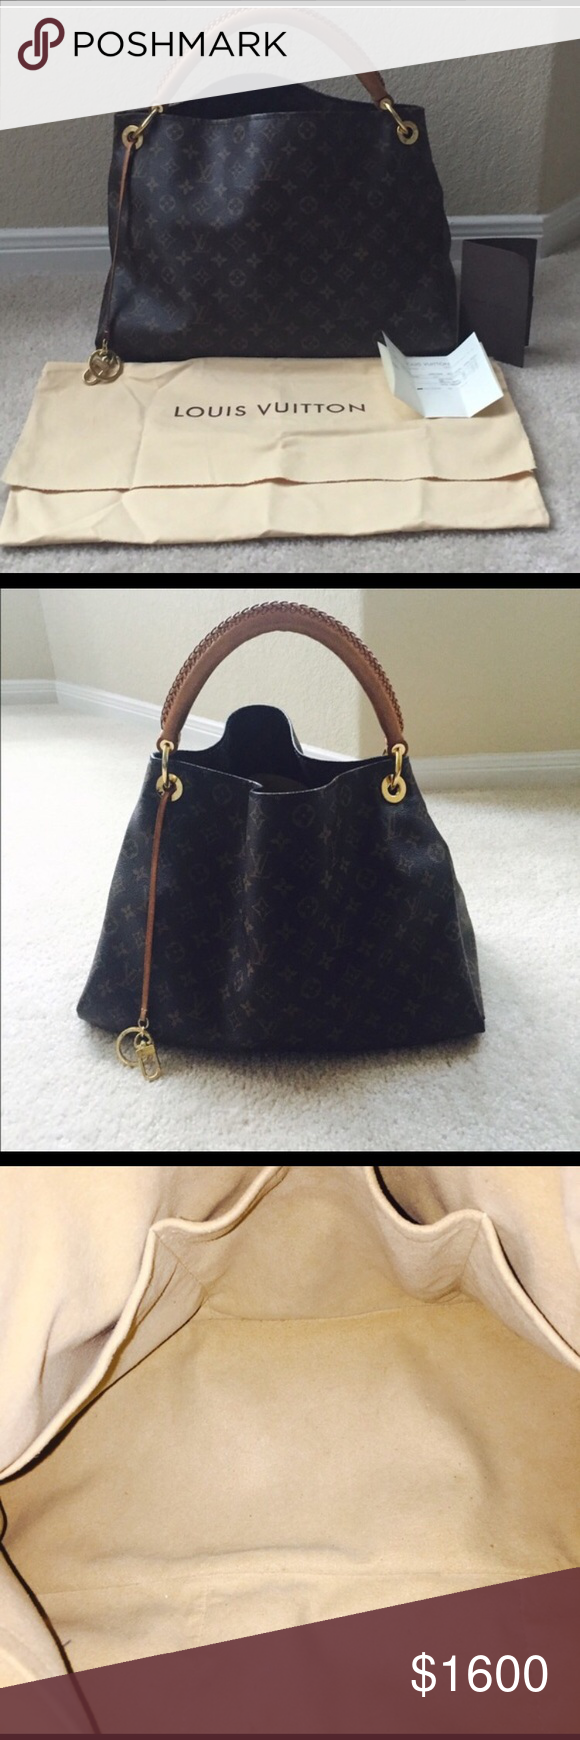 7ed0742dfff Louis Vuitton Artsy MM bag Gorgeous